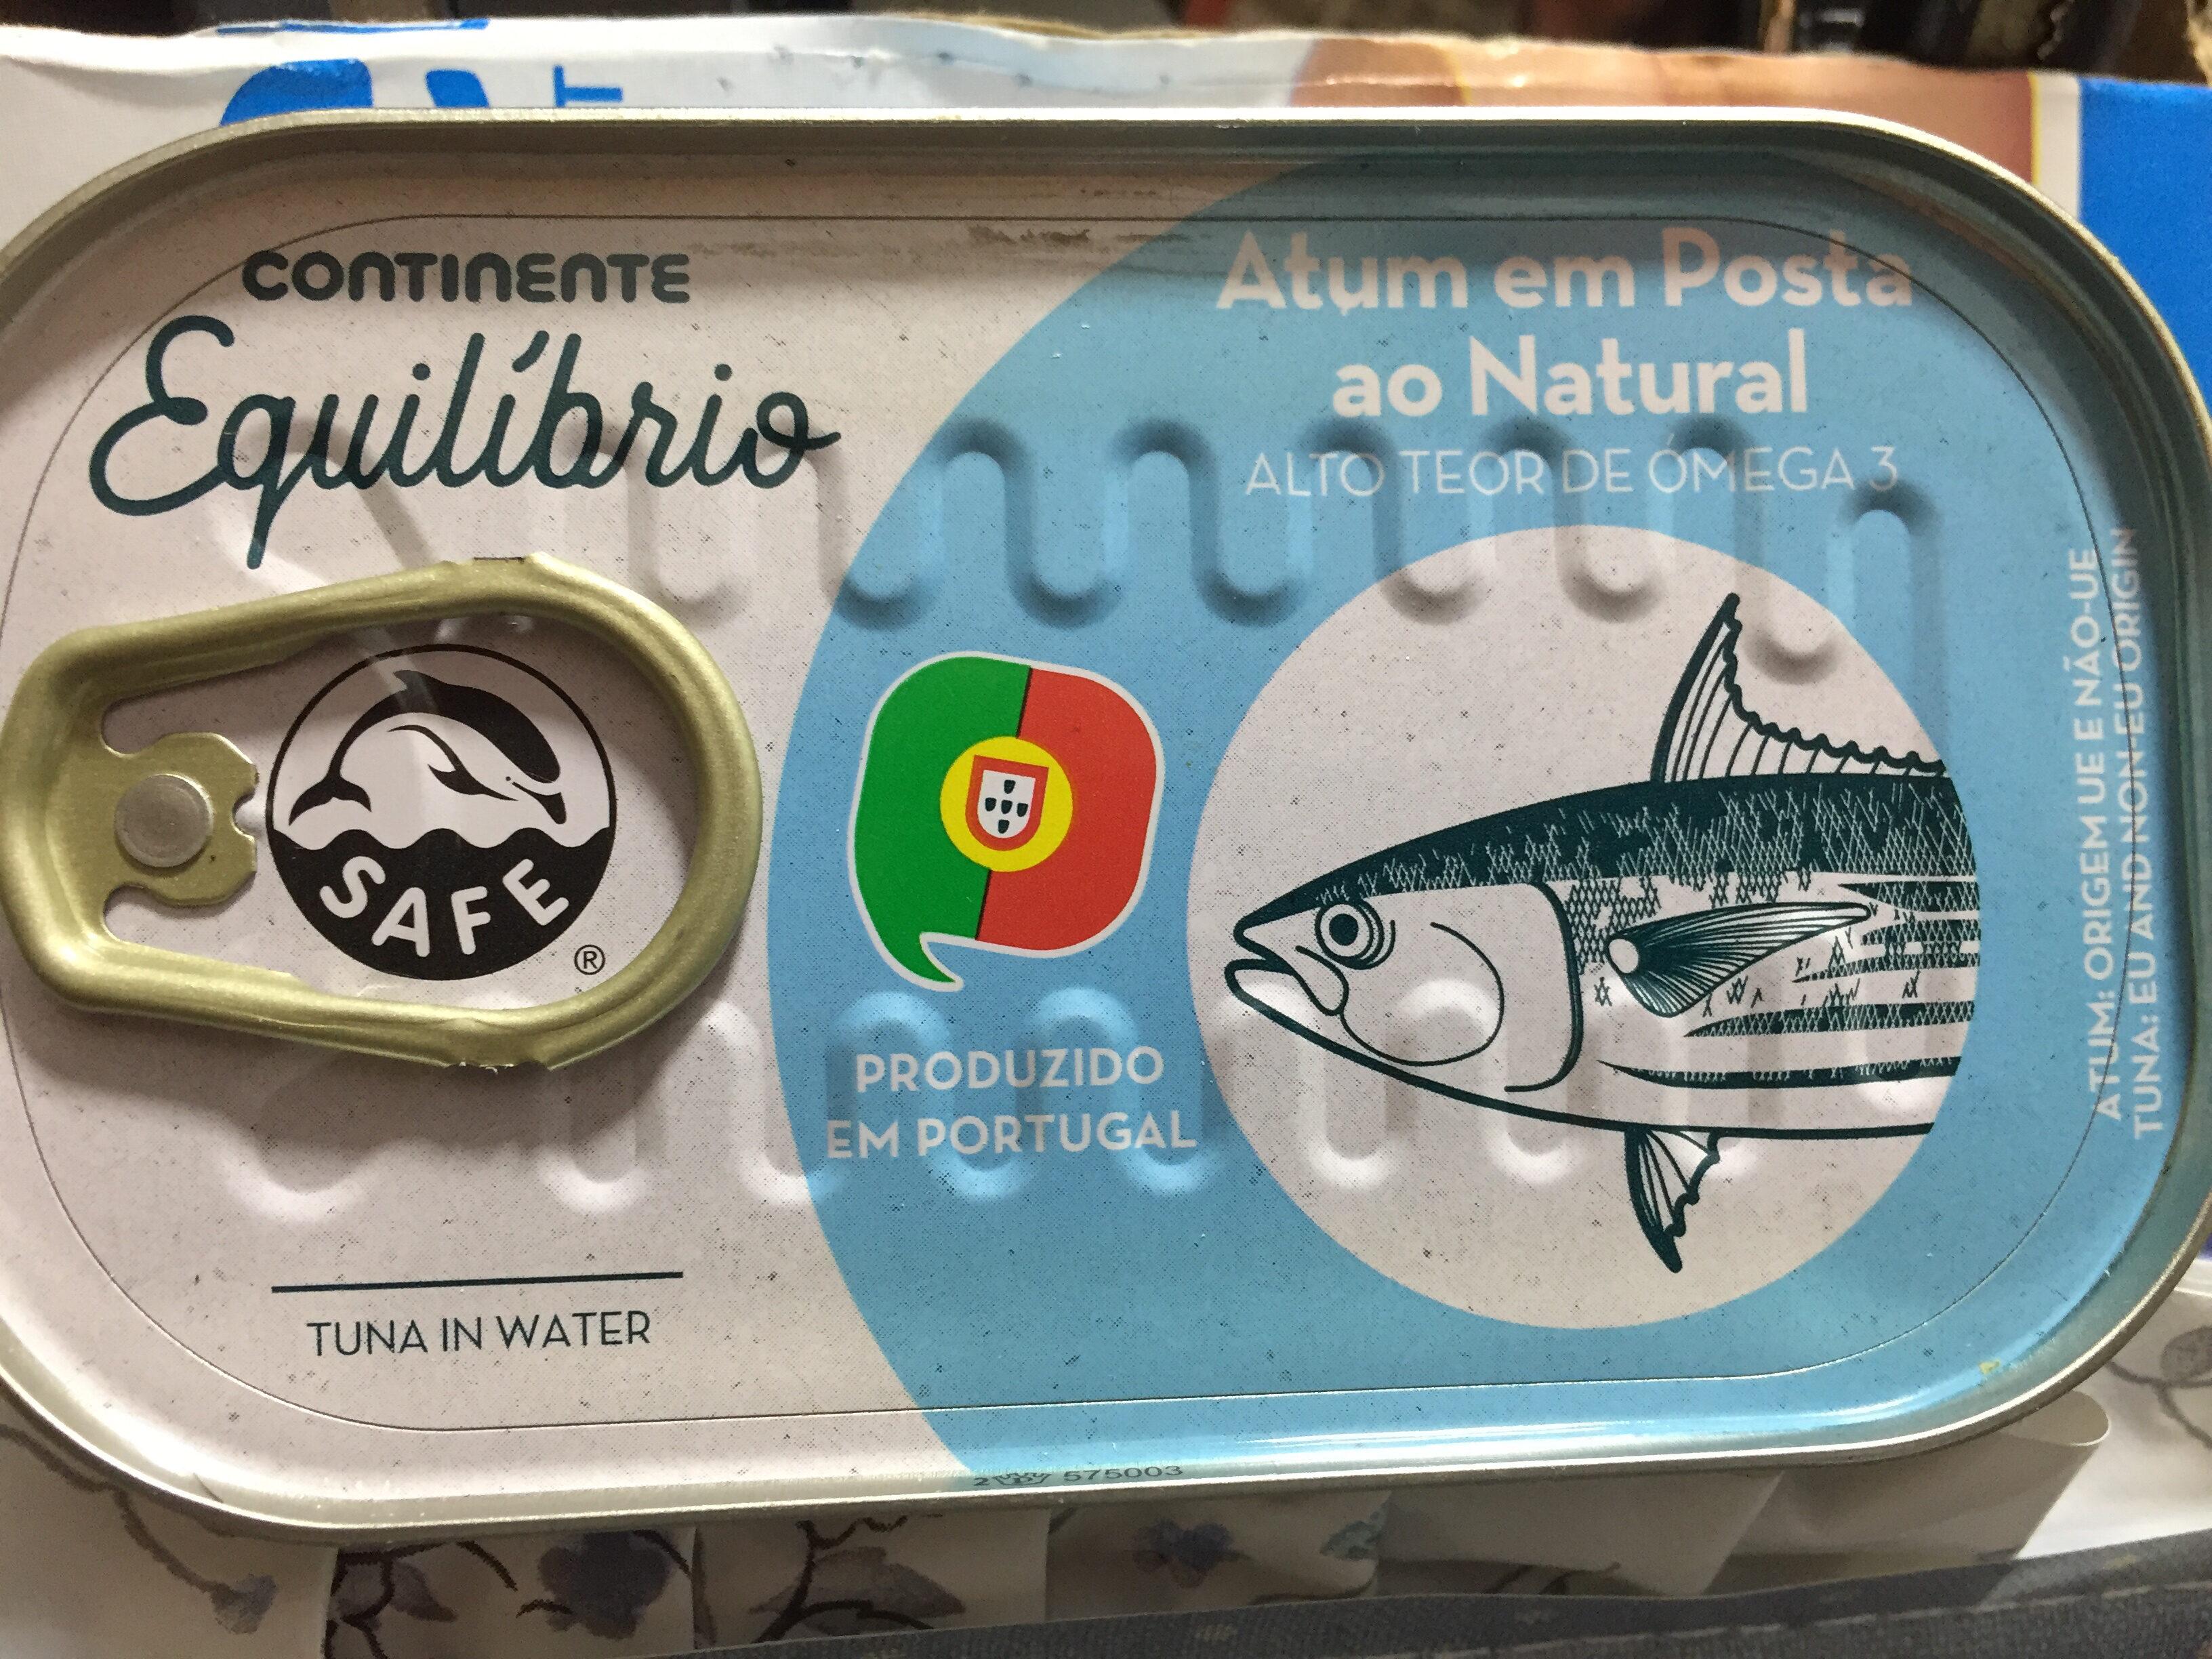 Atum em posta ao natural - Produkt - pt